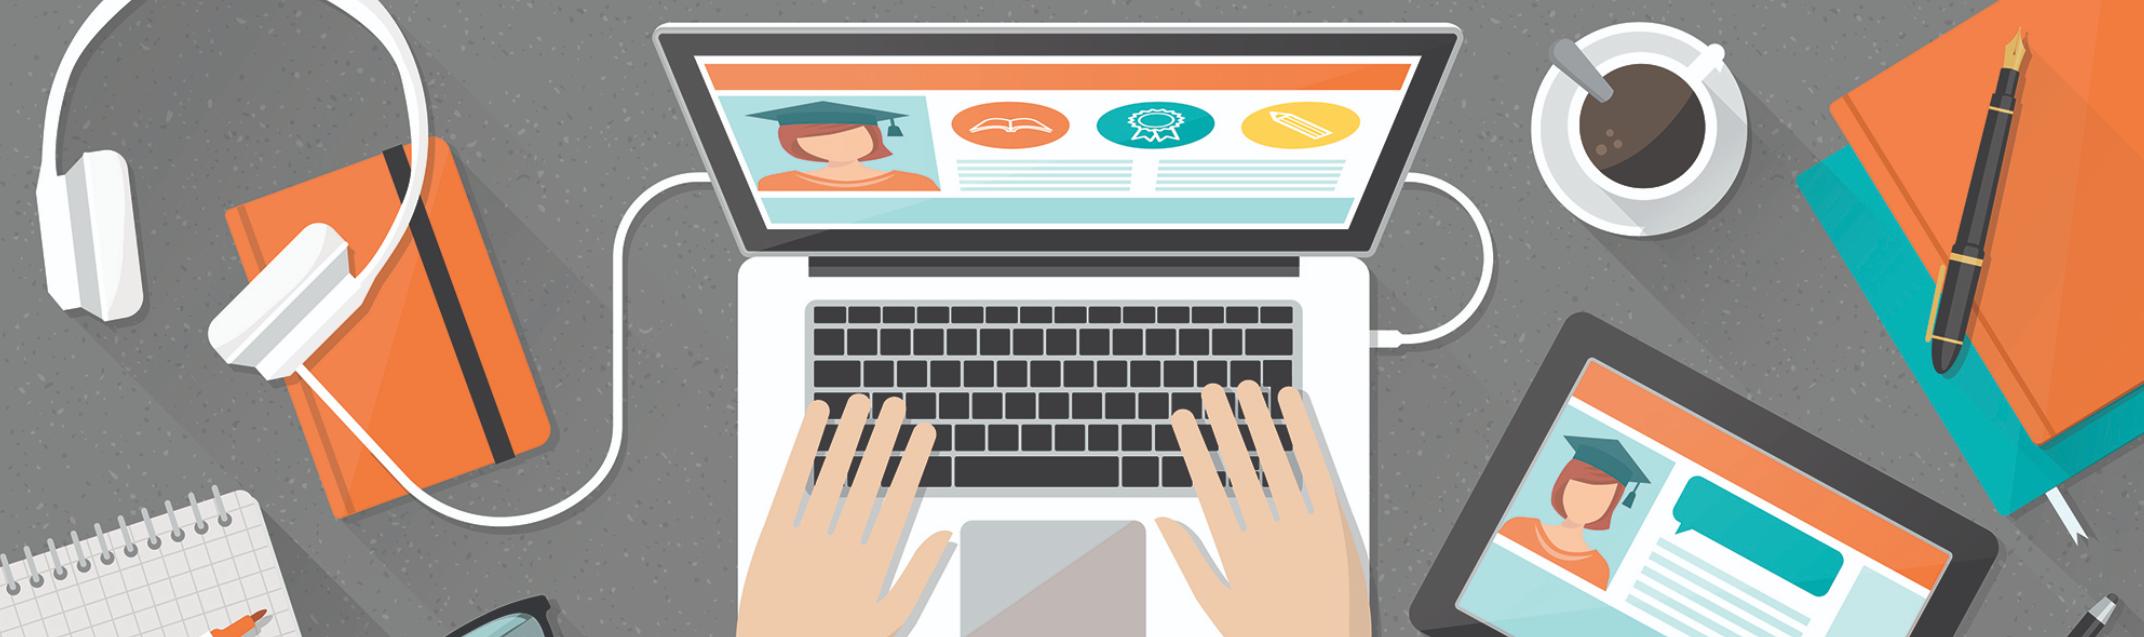 Чек-лист успешного выбора онлайн-курса по маркетингу